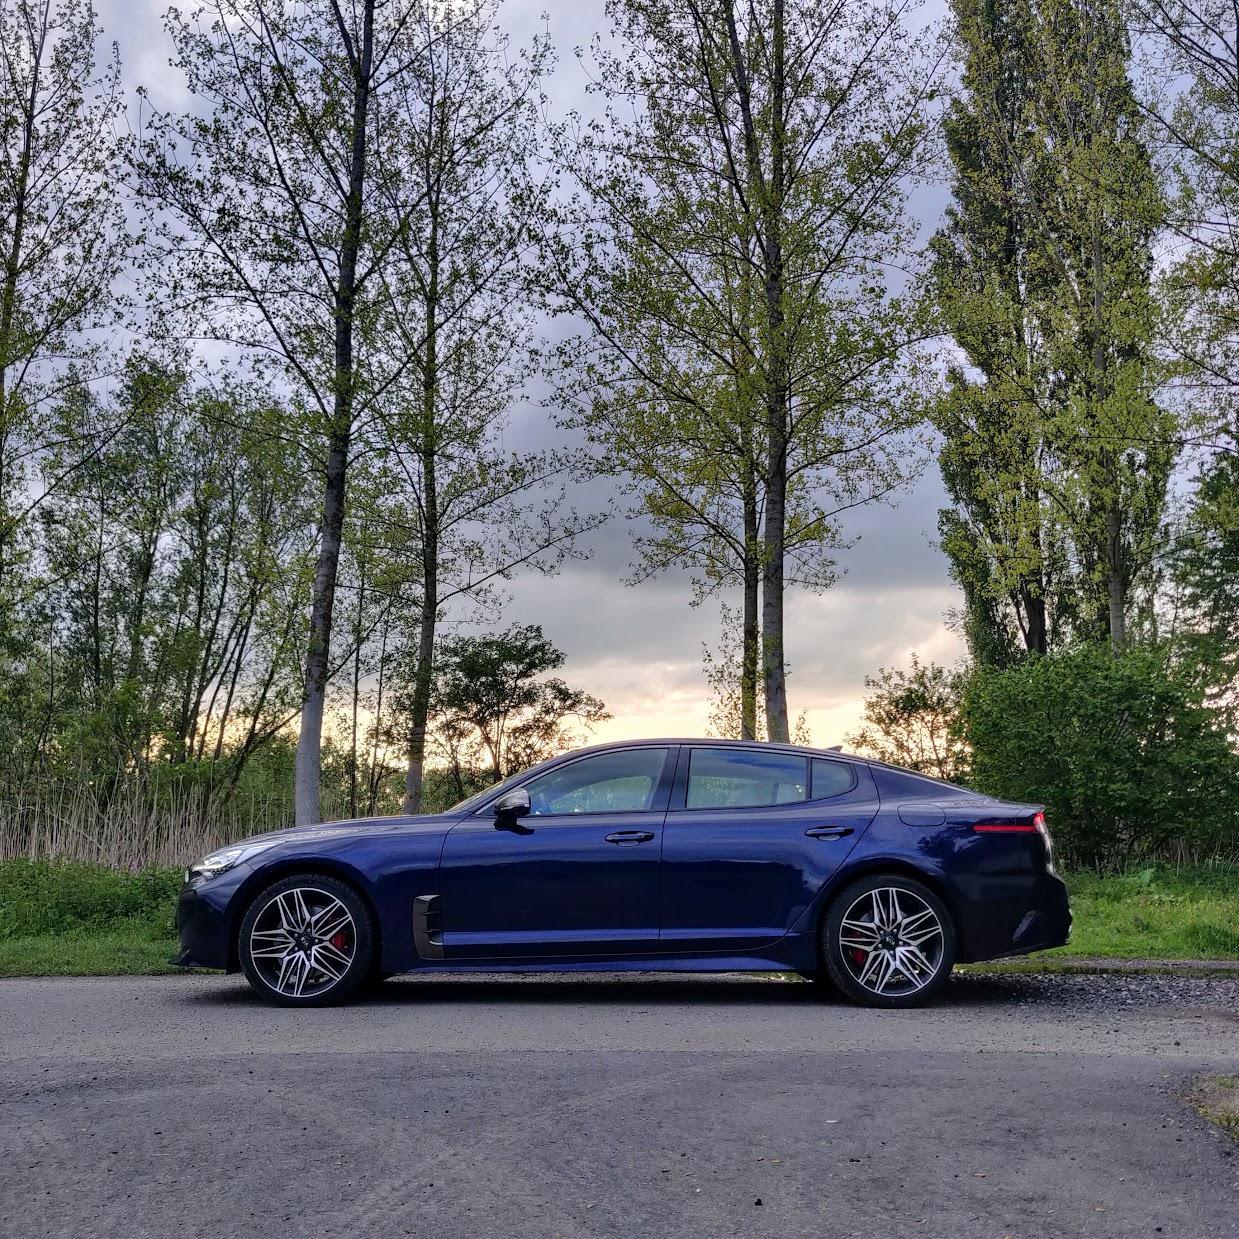 Test 2021 Kia Stinger GT facelift - Review AutoGids